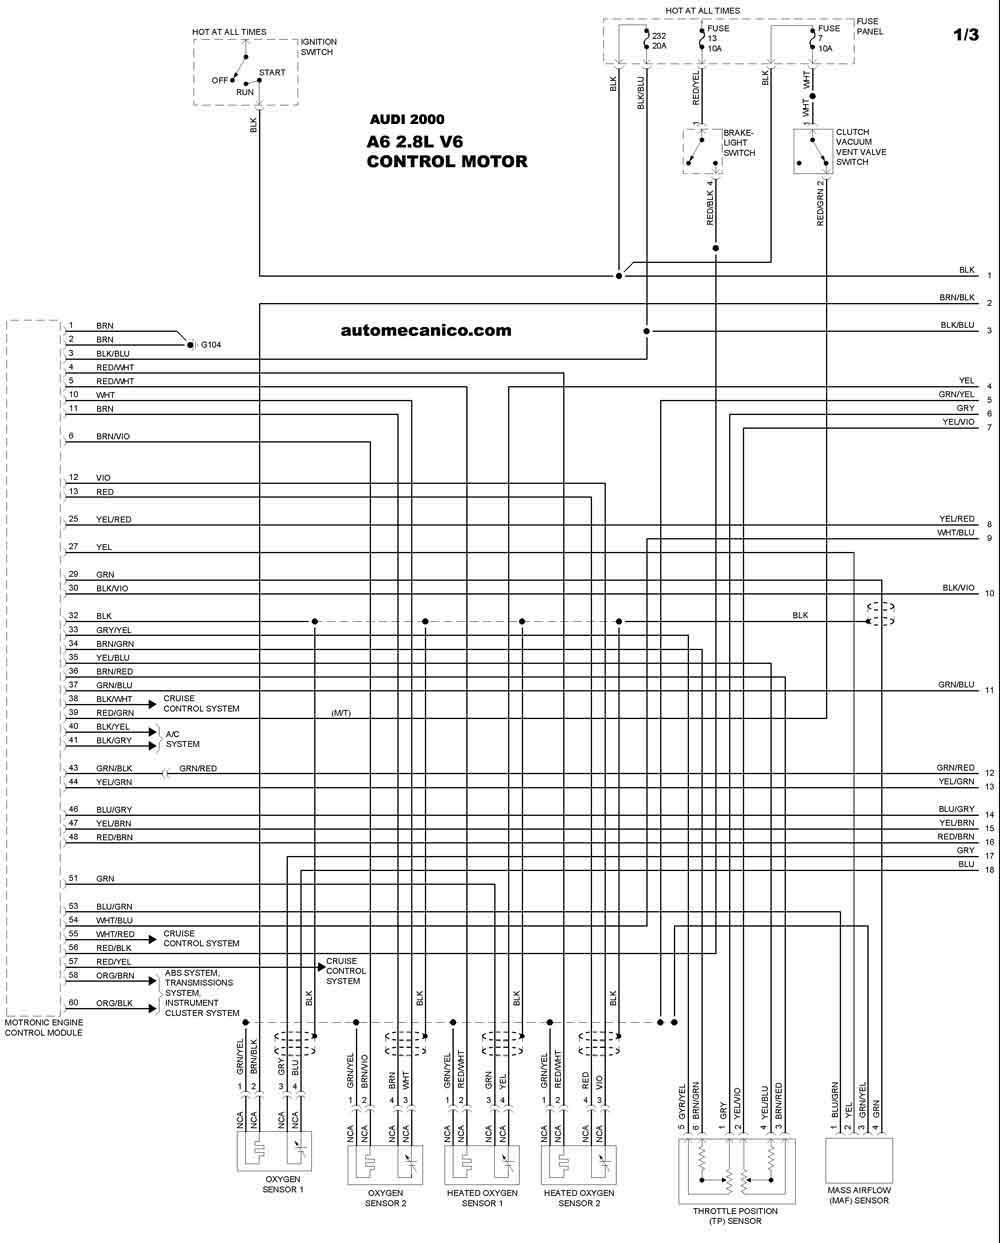 audi 2000 - diagramas control del motor